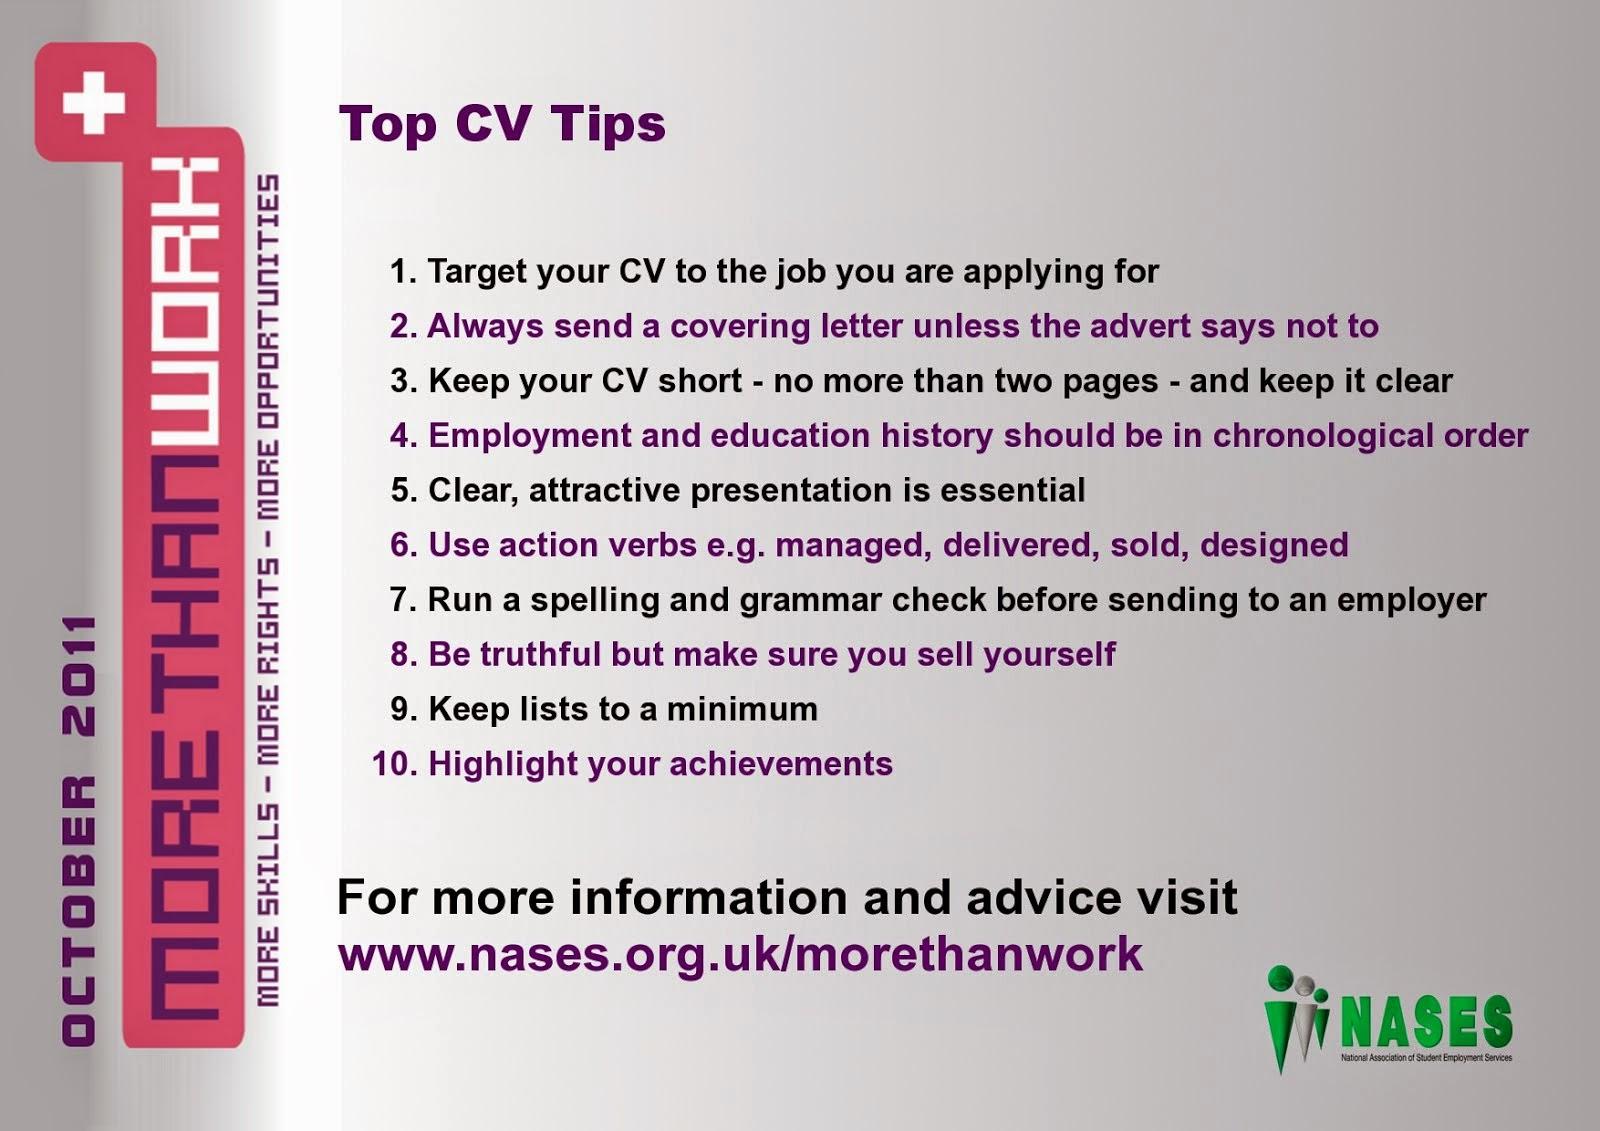 Top CV Tips